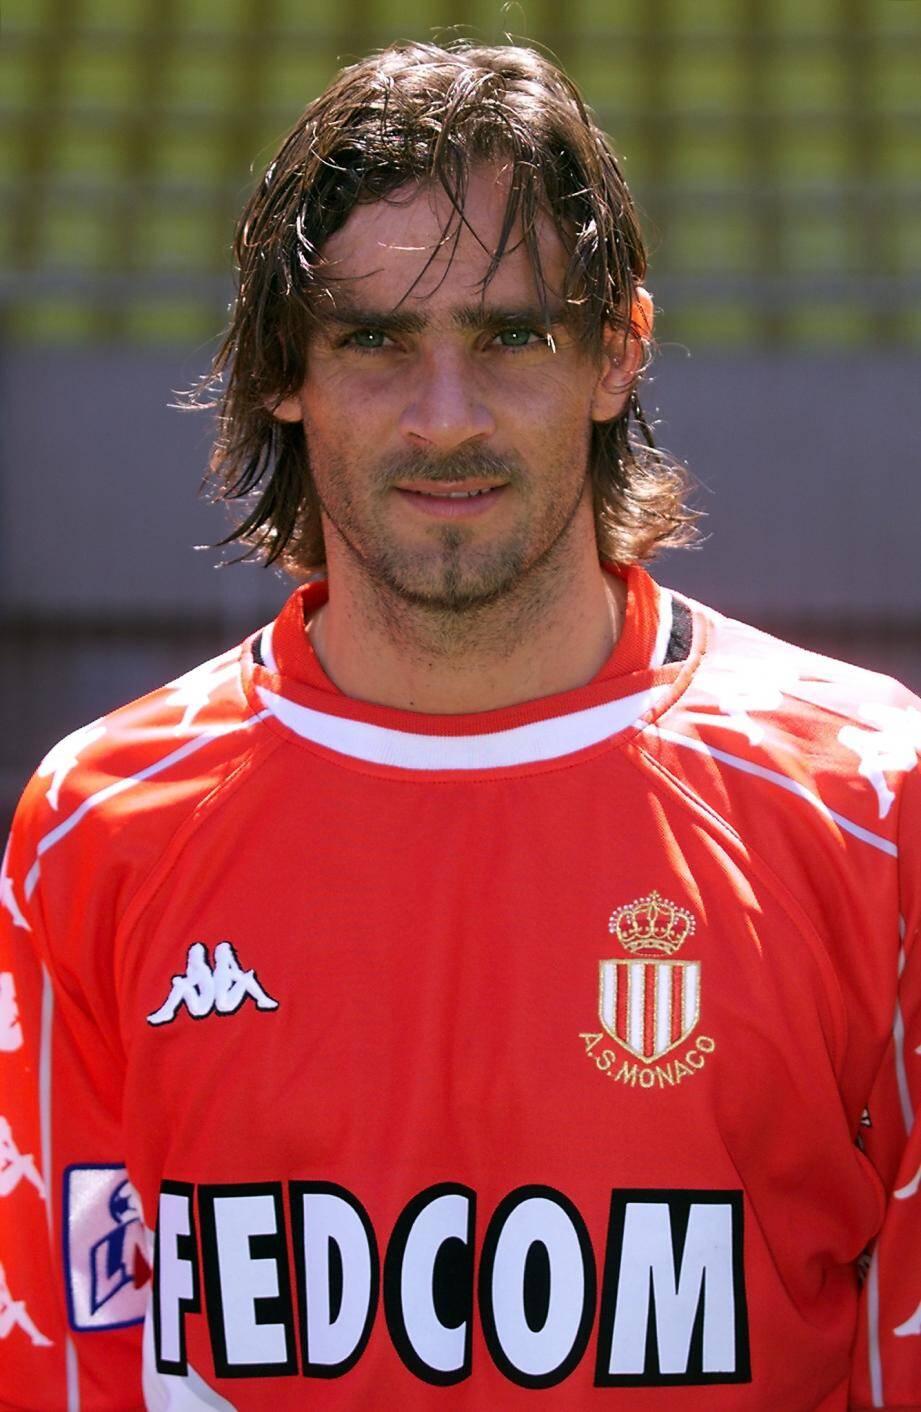 En 2000, Simone est devenu champion de France avec l'ASM.